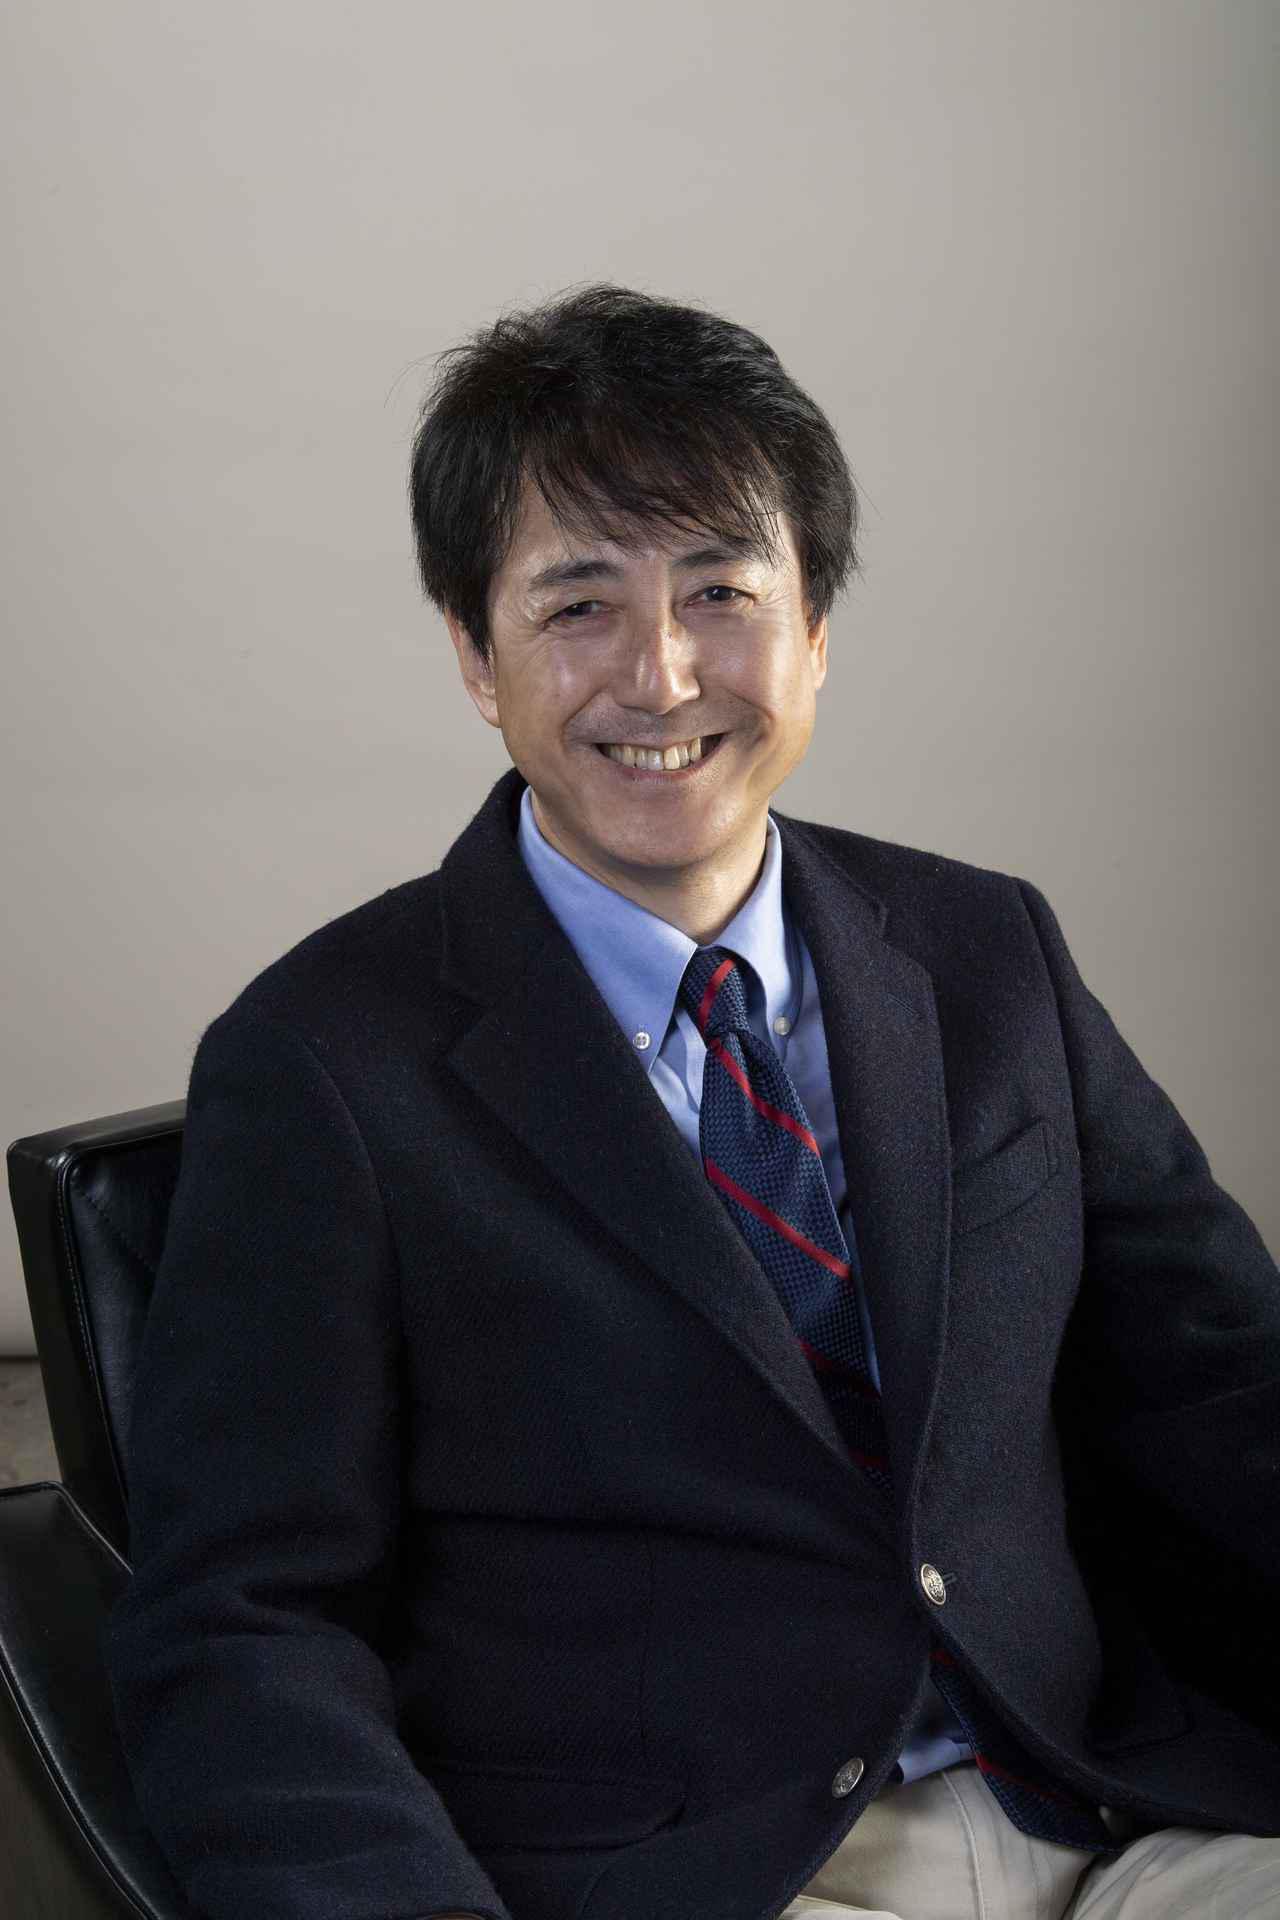 画像: 講師:川邉久之氏 エノログ(ワイン醸造技術管理士)。1988年に渡米、ナパ・ヴァレーで日本人初の醸造責任者として活躍。帰国後、コンサルタント、審査員、醸造専門学校講師等を歴任。2009年「高畠ワイナリー」取締役製造部長。2019年「ŒNOLUTION」設立